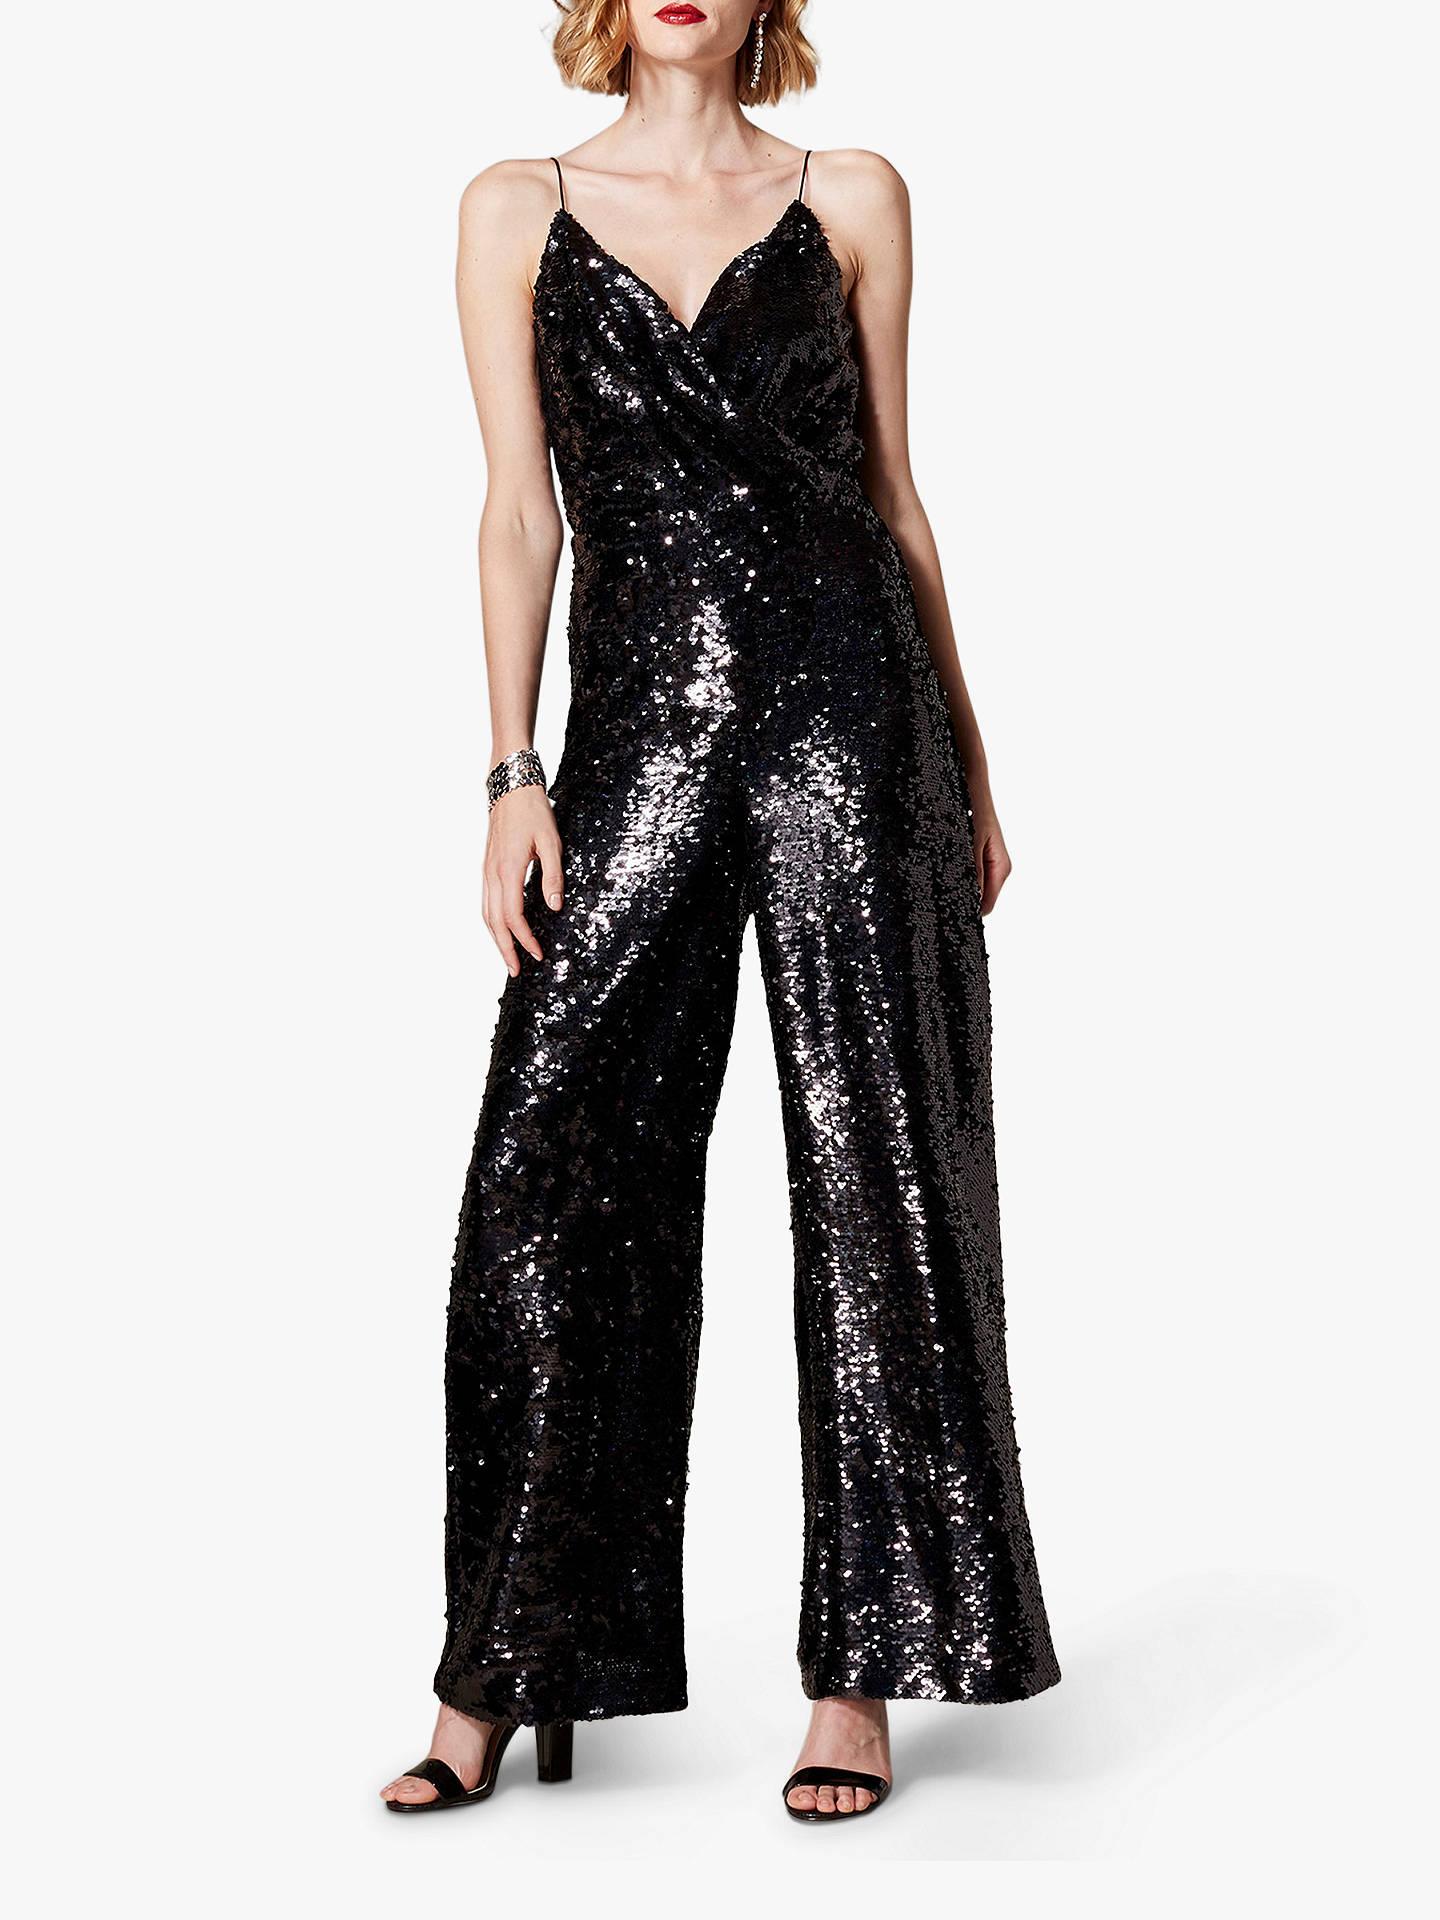 wide selection buy popular best selection of 2019 Karen Millen Sequin Jumpsuit, Black at John Lewis & Partners